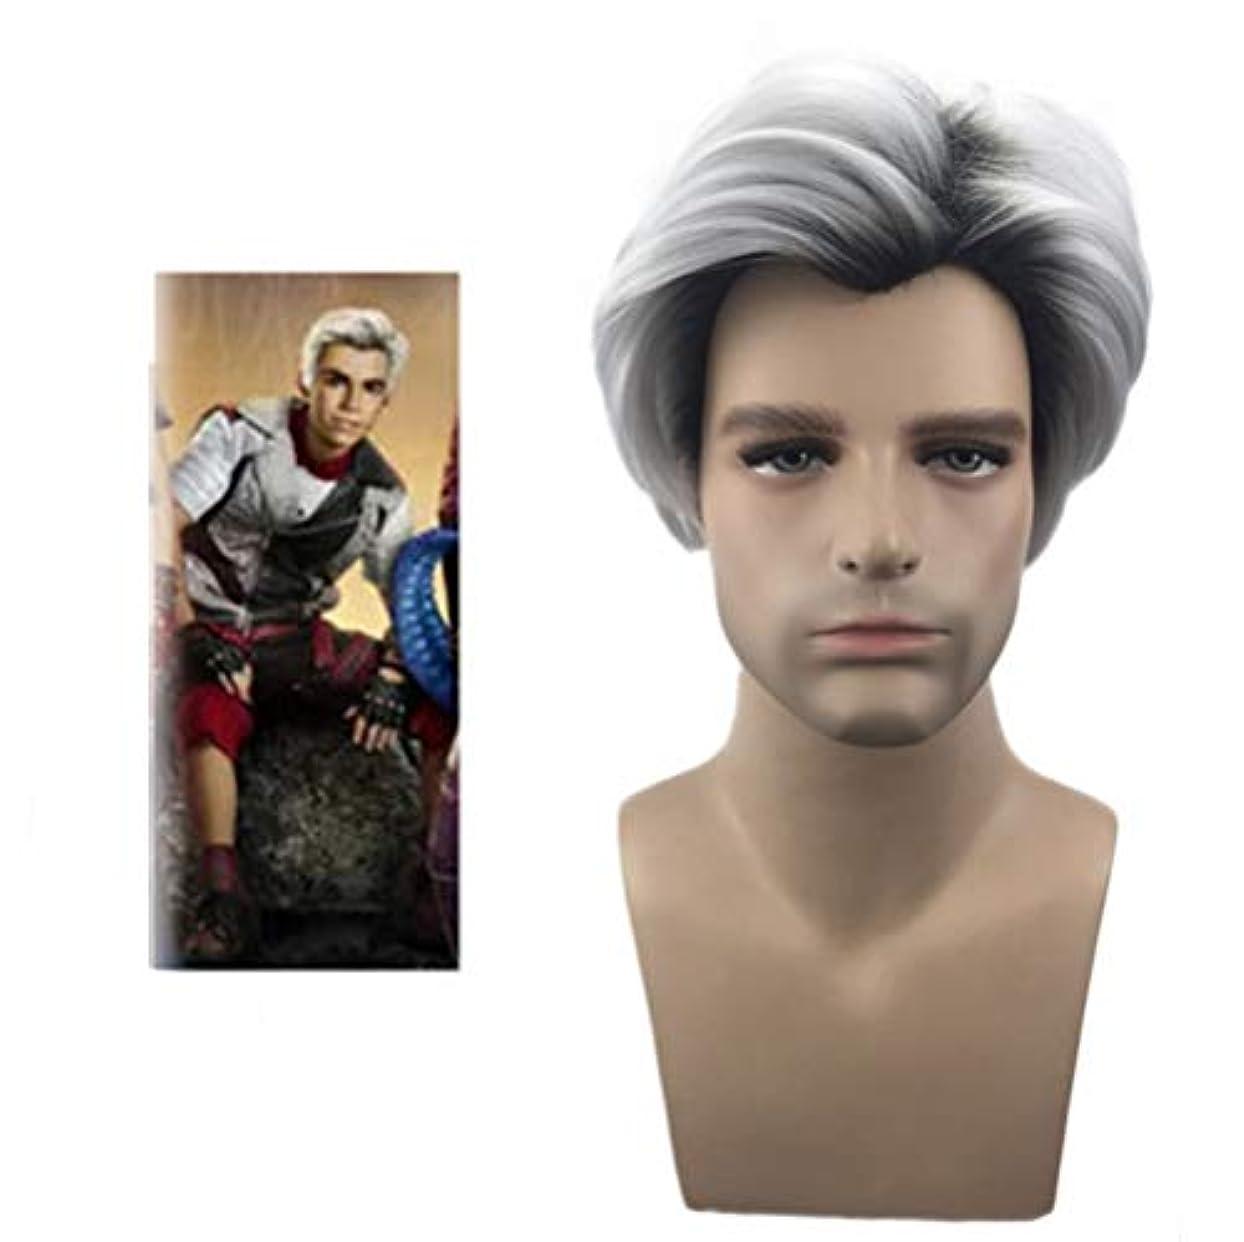 適切な禁じる価値男性用かつら150%密度合成耐熱ショーツブラジル人毛ウィッグ黒根白髪28cm